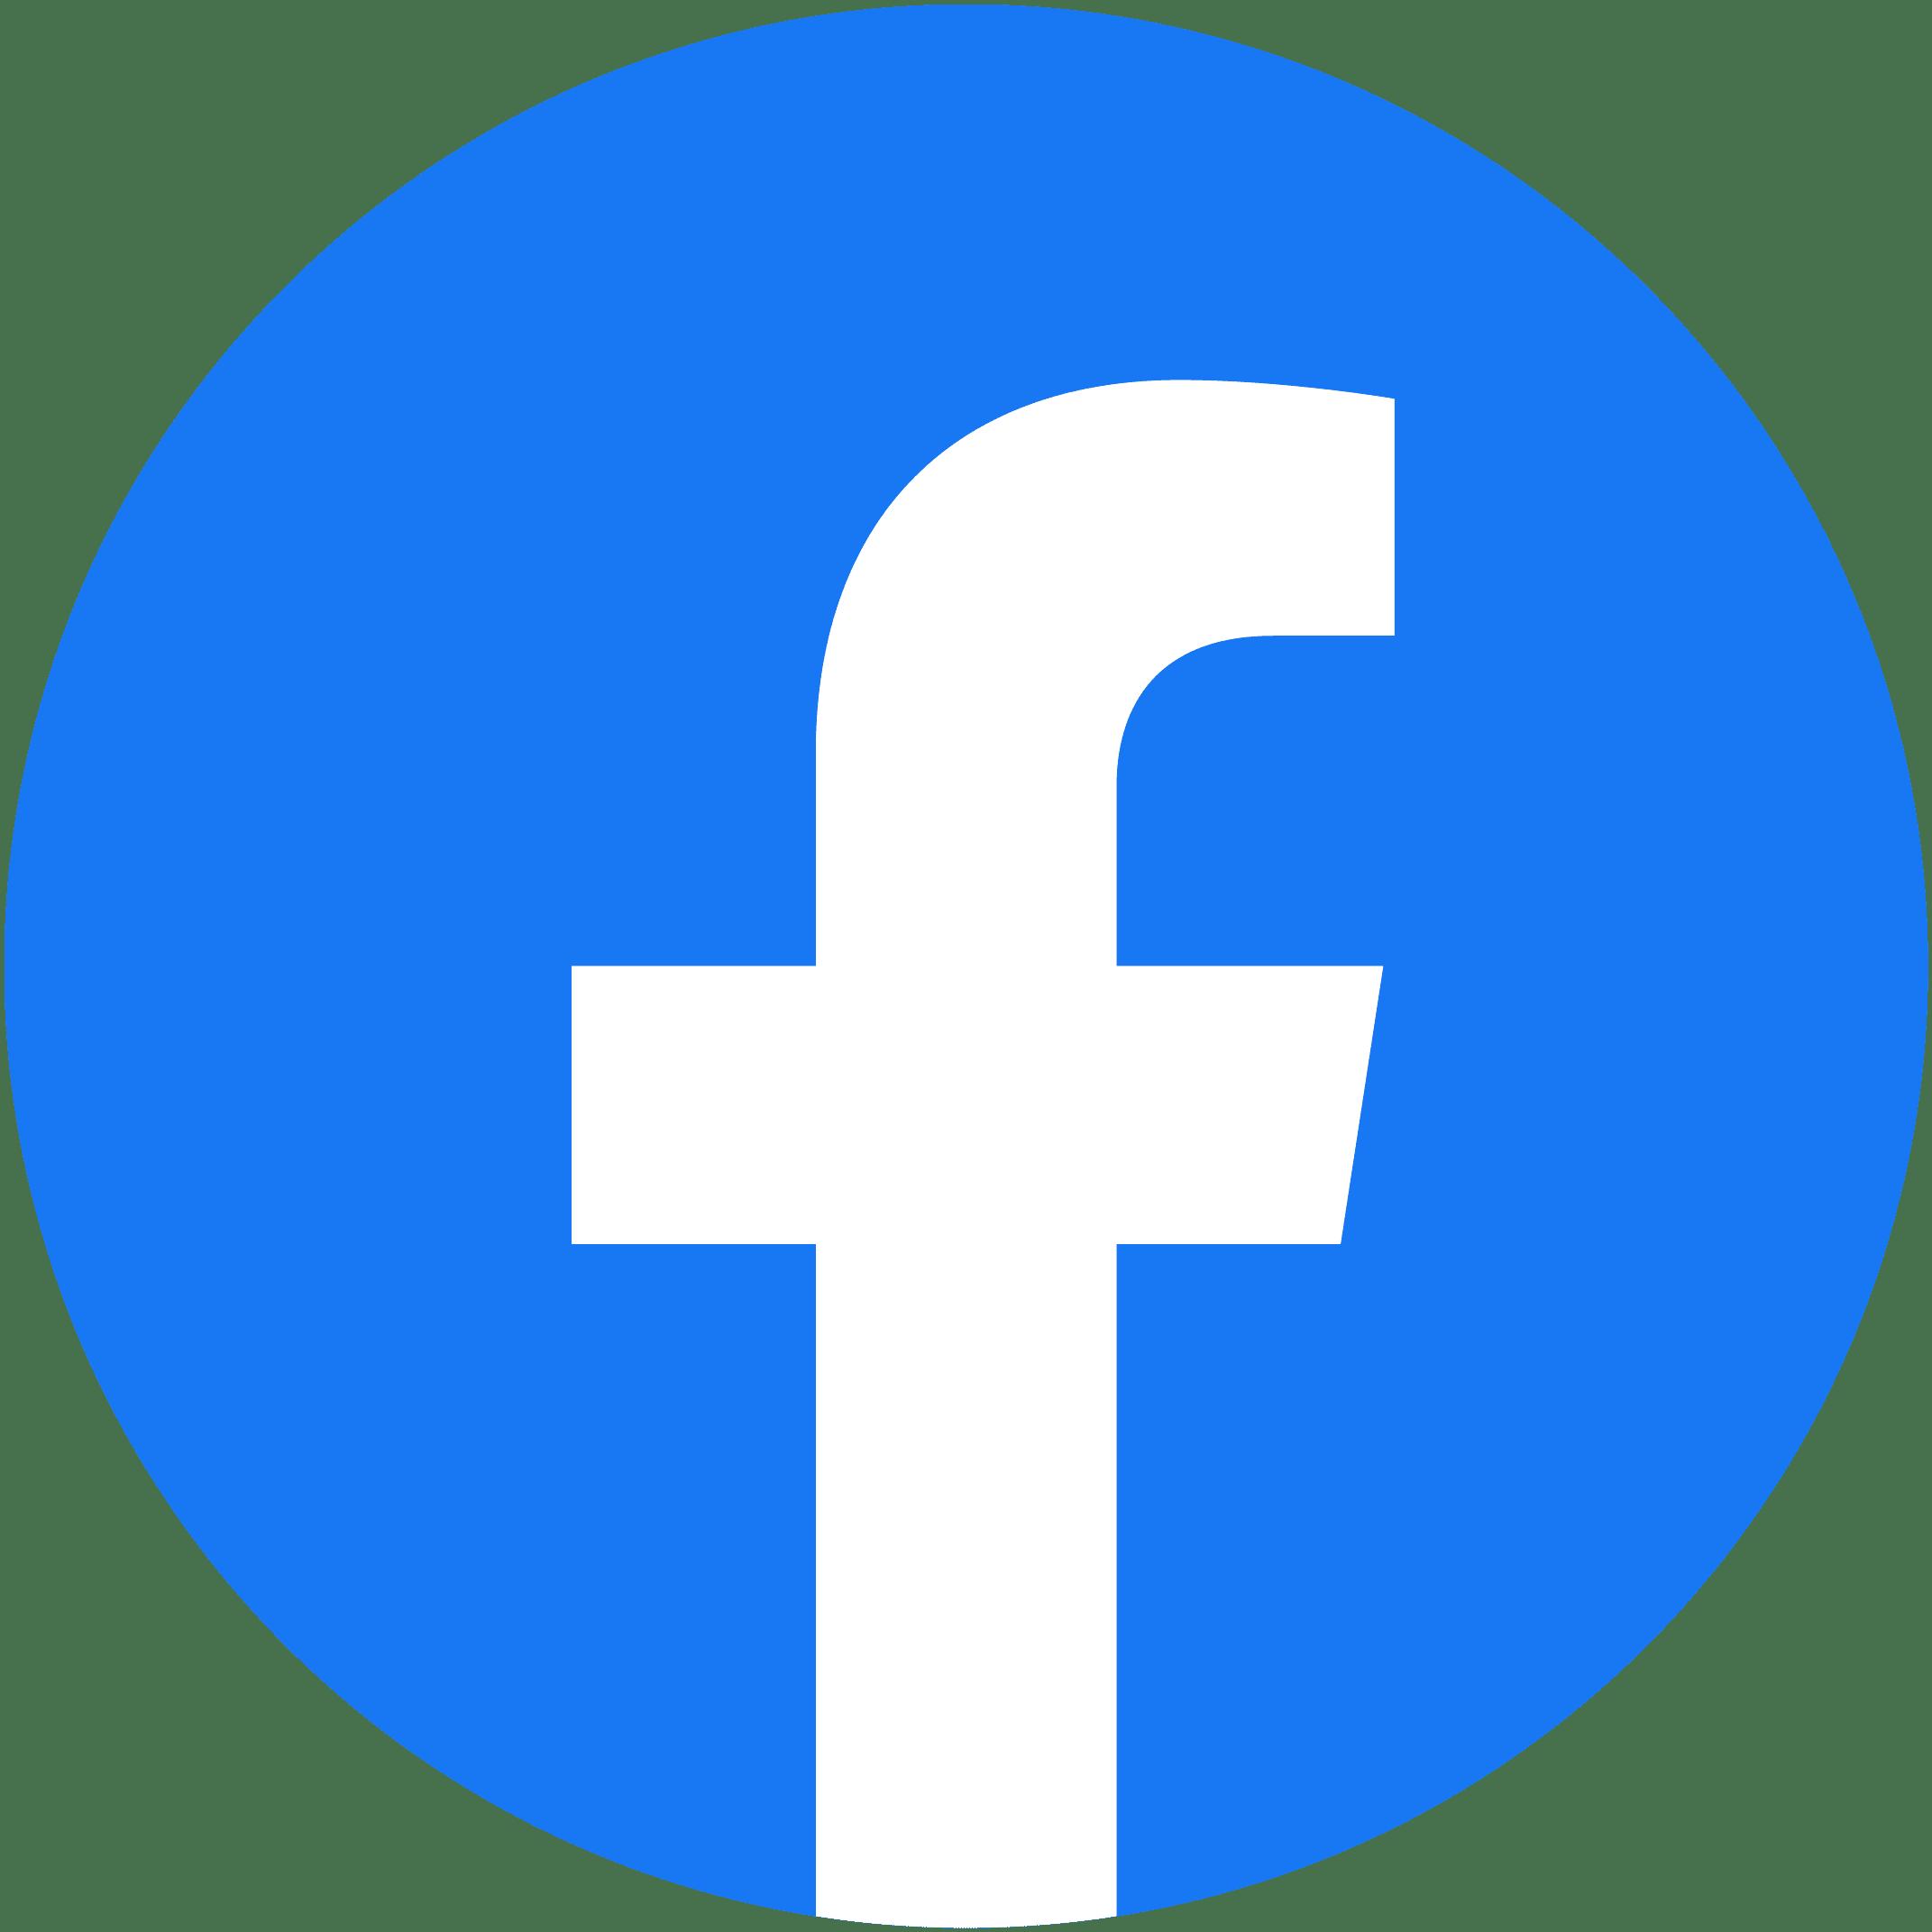 Facebook ist das meistgenutzte Soziale Medium